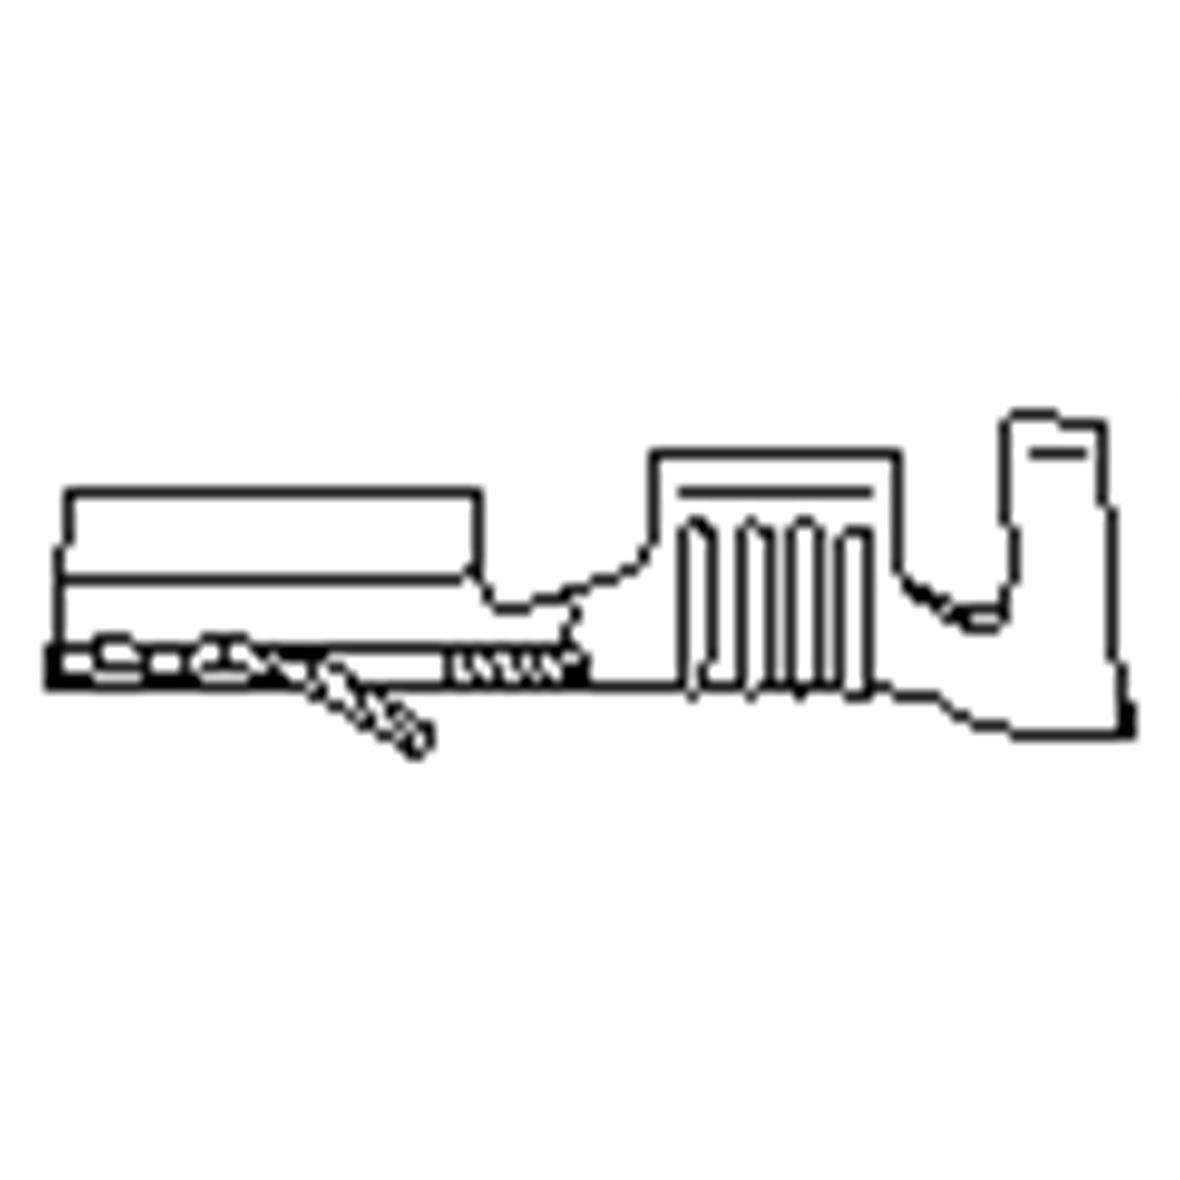 Produktbild für 'Kabelschuh für 0,5-1,0mm² Kabel'